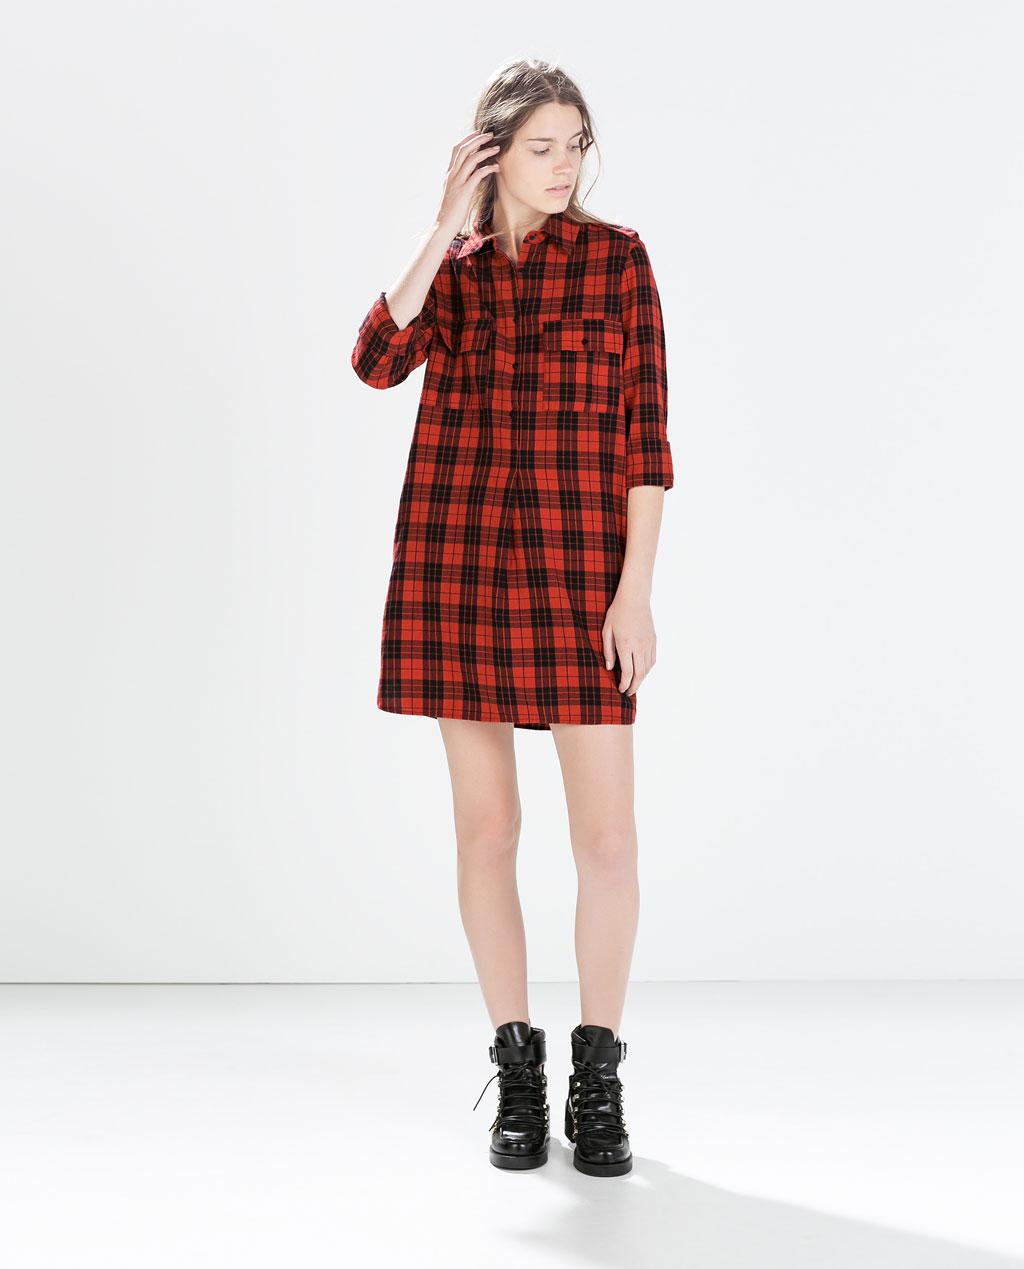 best service 45a0f 9c56b 05fc45ff8840 camicia a quadri rossa e nera 4 modi glam per ...